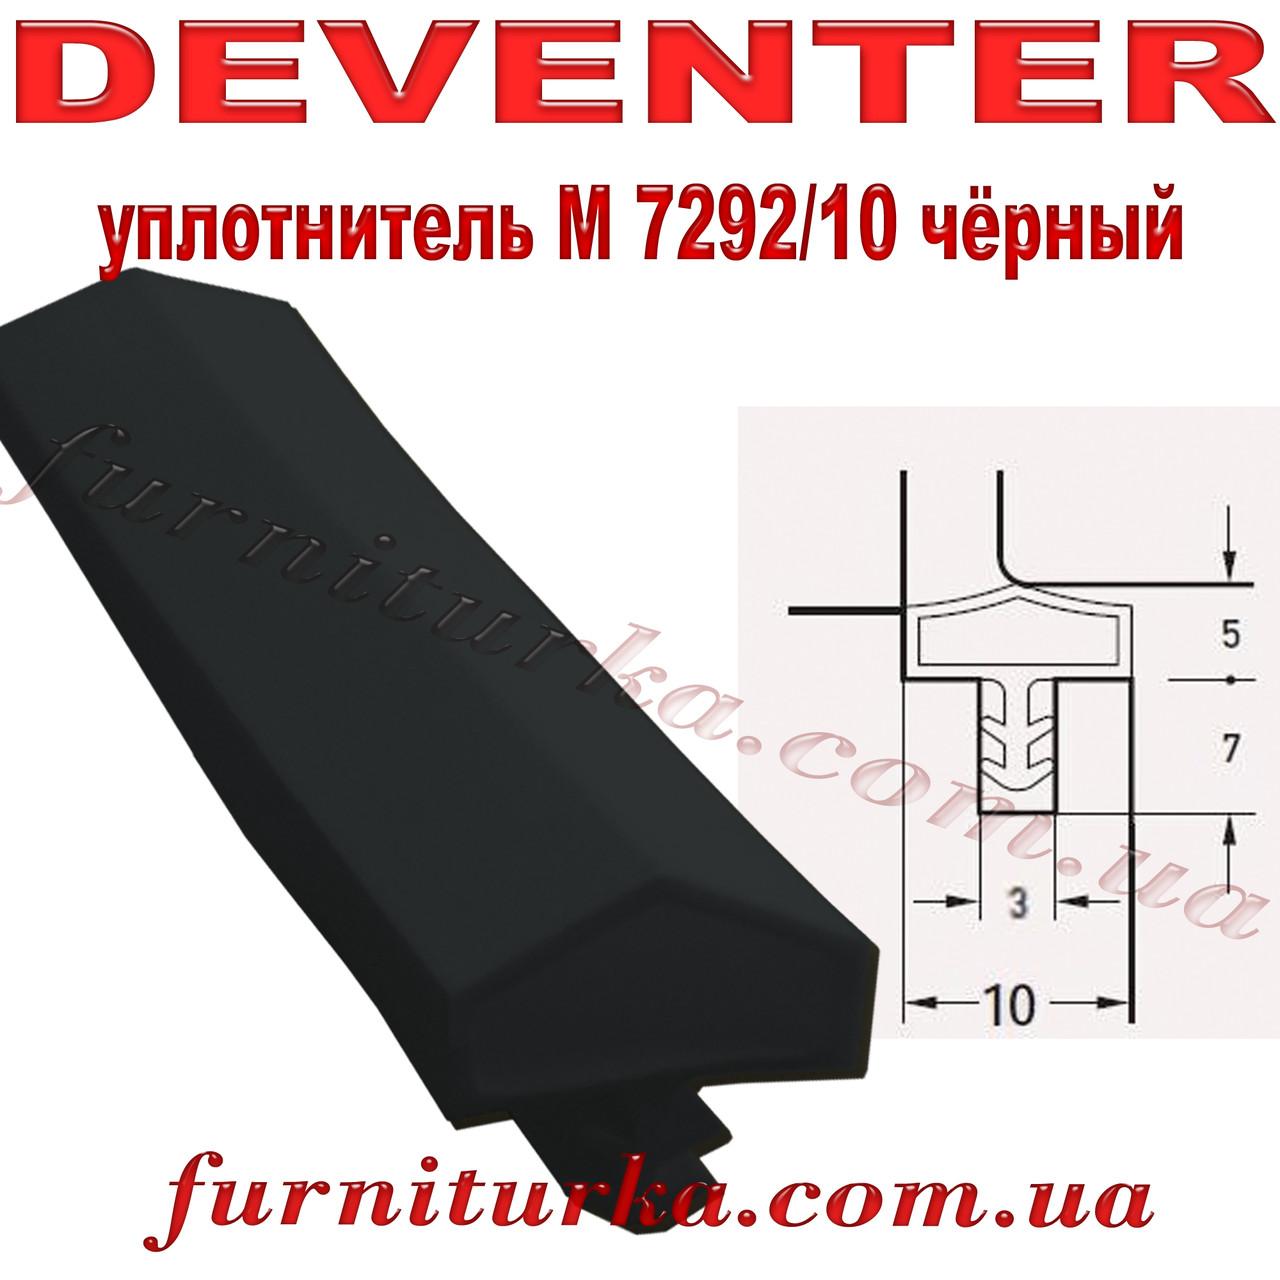 Уплотнитель дверной Deventer M7292/10 чёрный